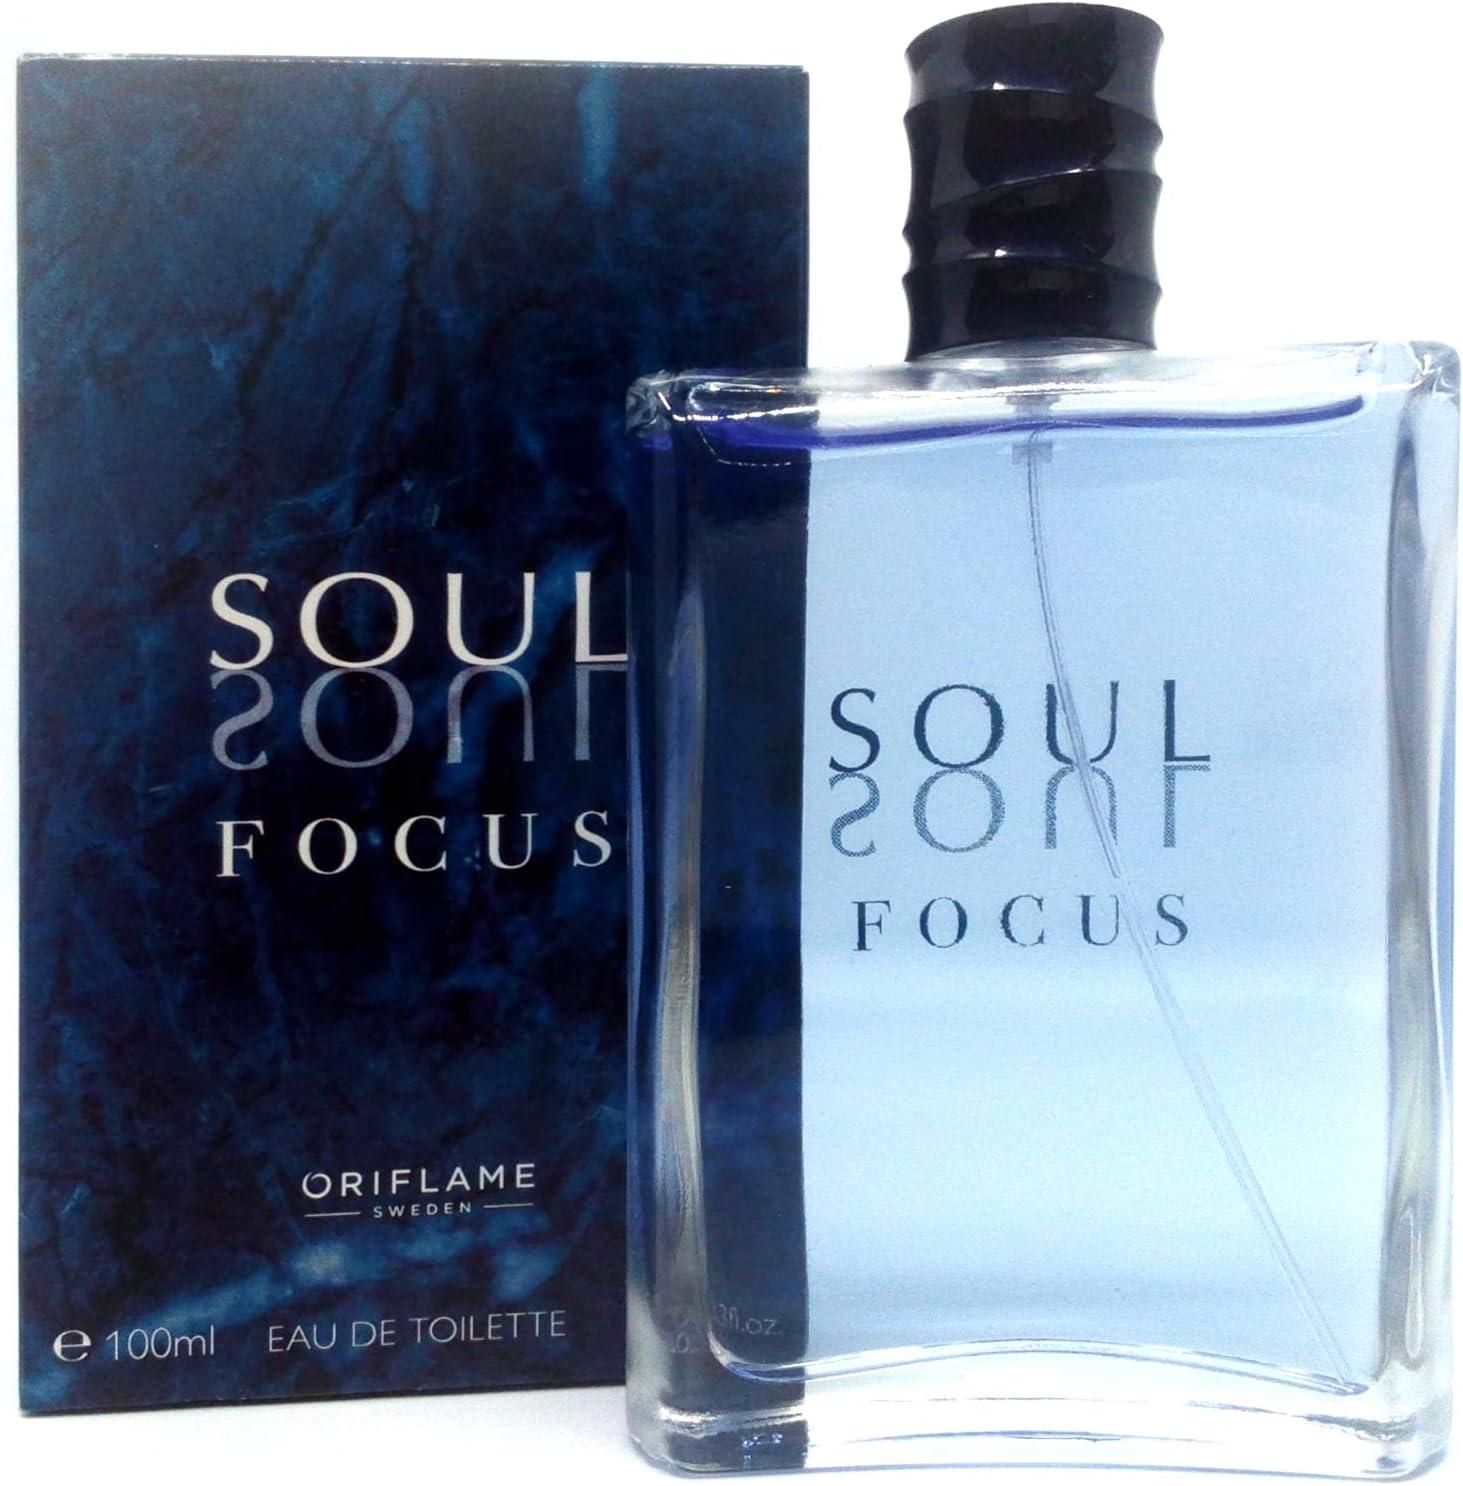 ORIFLAME Soul Focus Eau de Toilette For